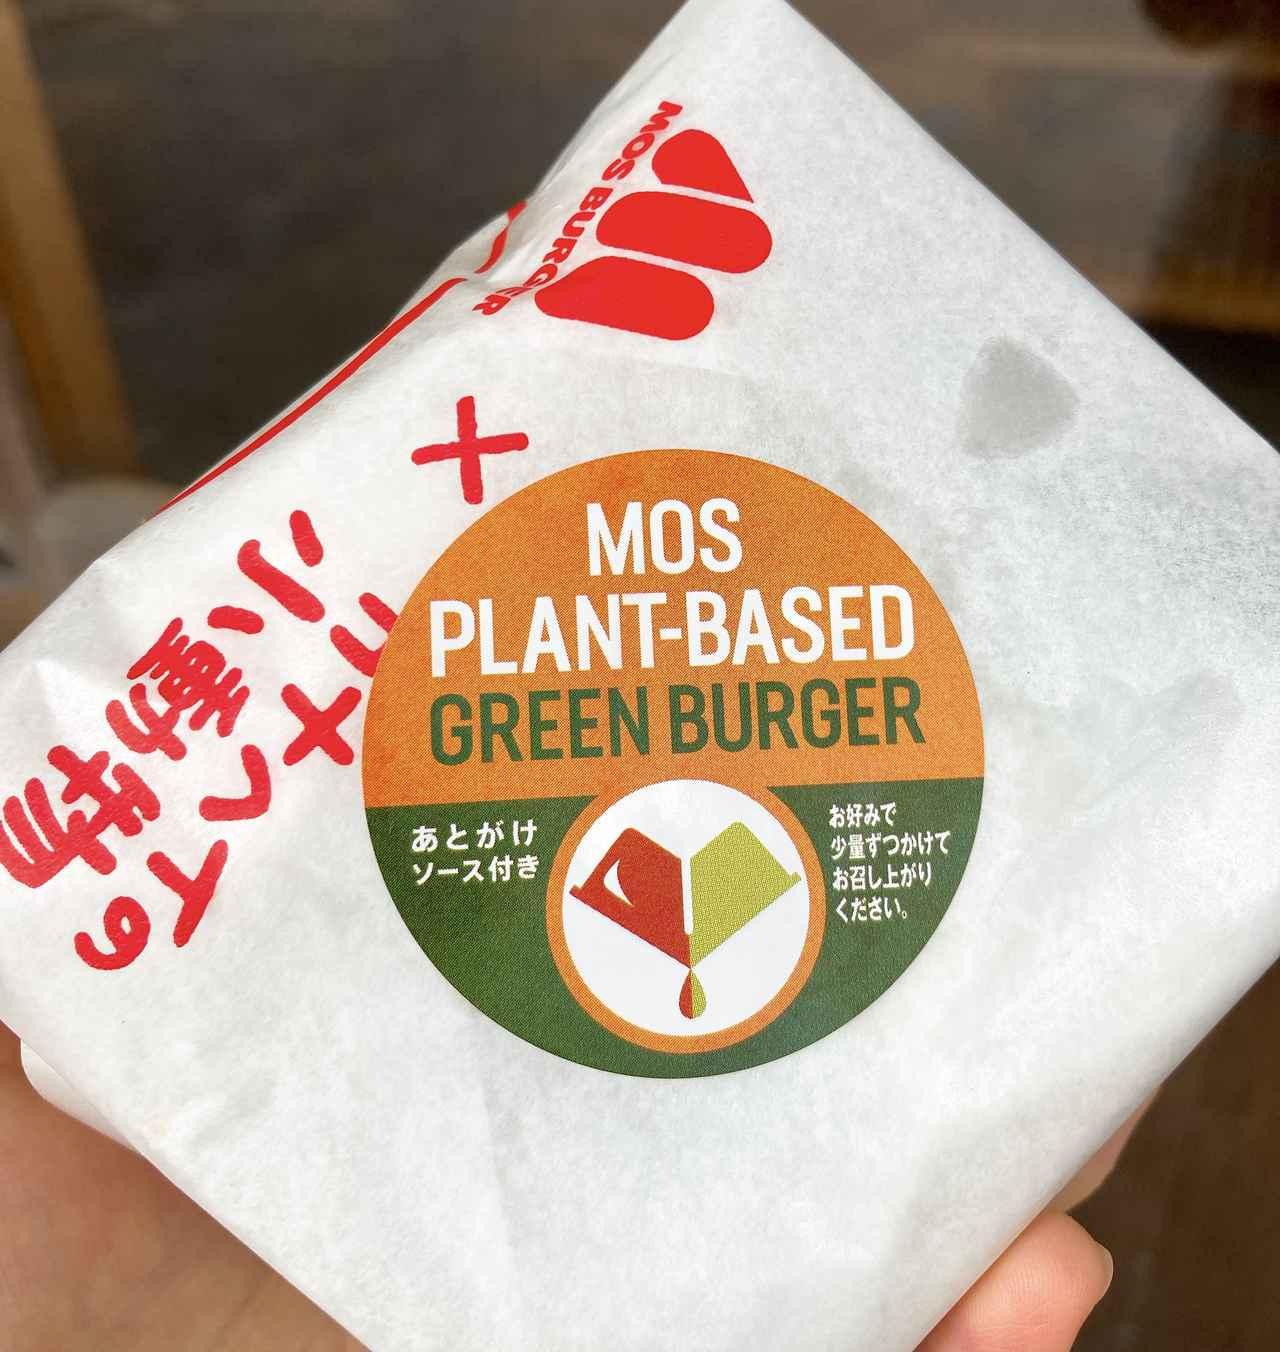 画像1: 【試食レポ】モスのグリーンバーガー第2弾!お好みで味付けできるテリヤキを食べてみた♡